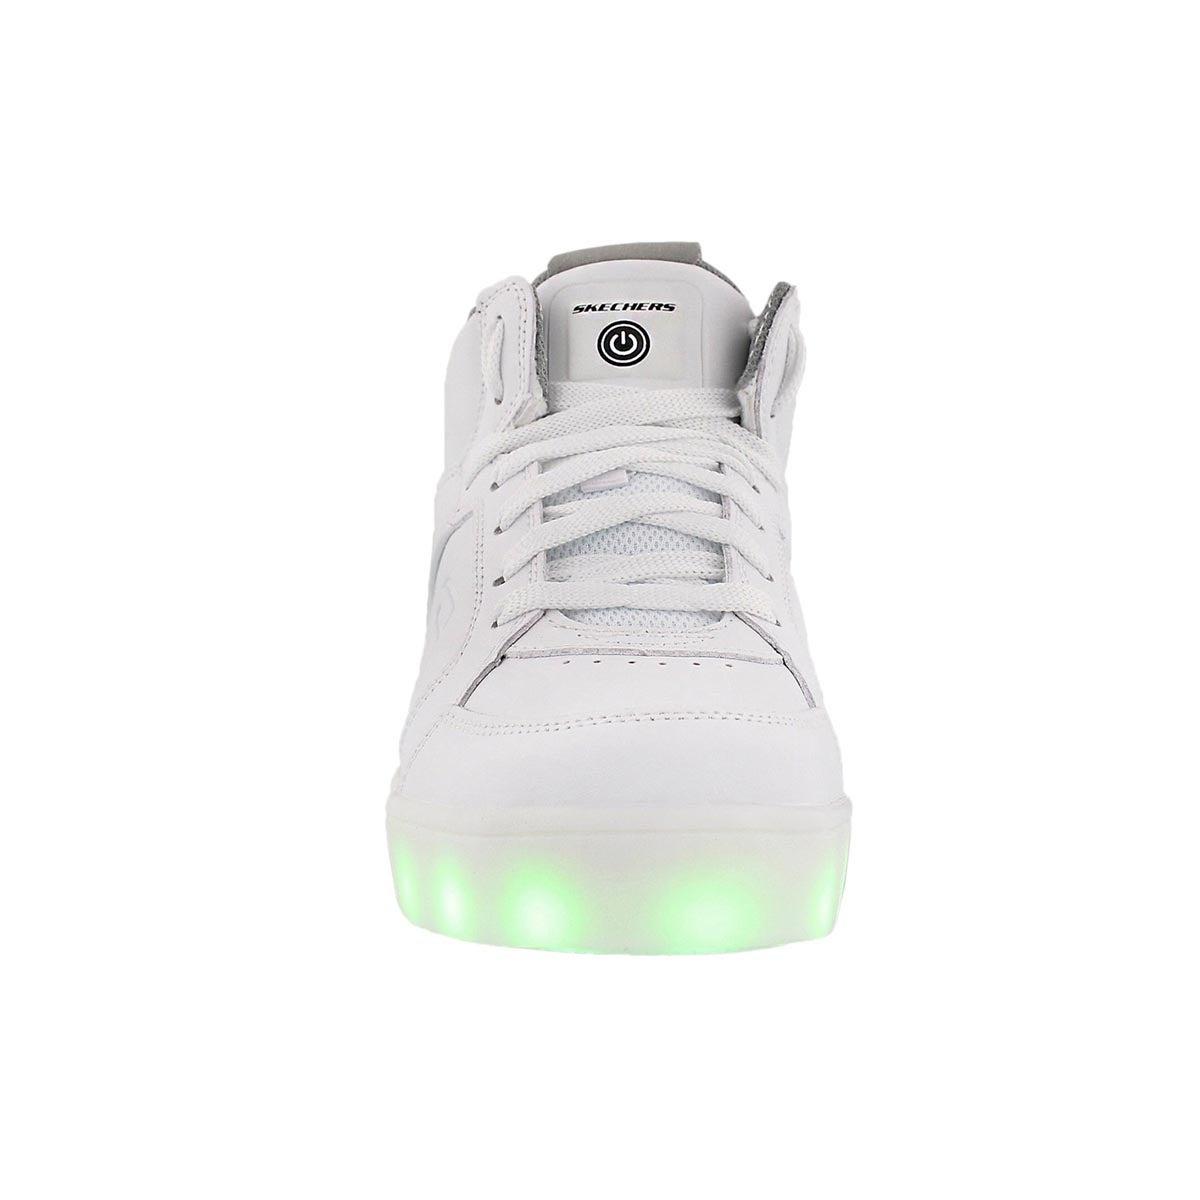 Kds Energy Lights light up wht sneaker